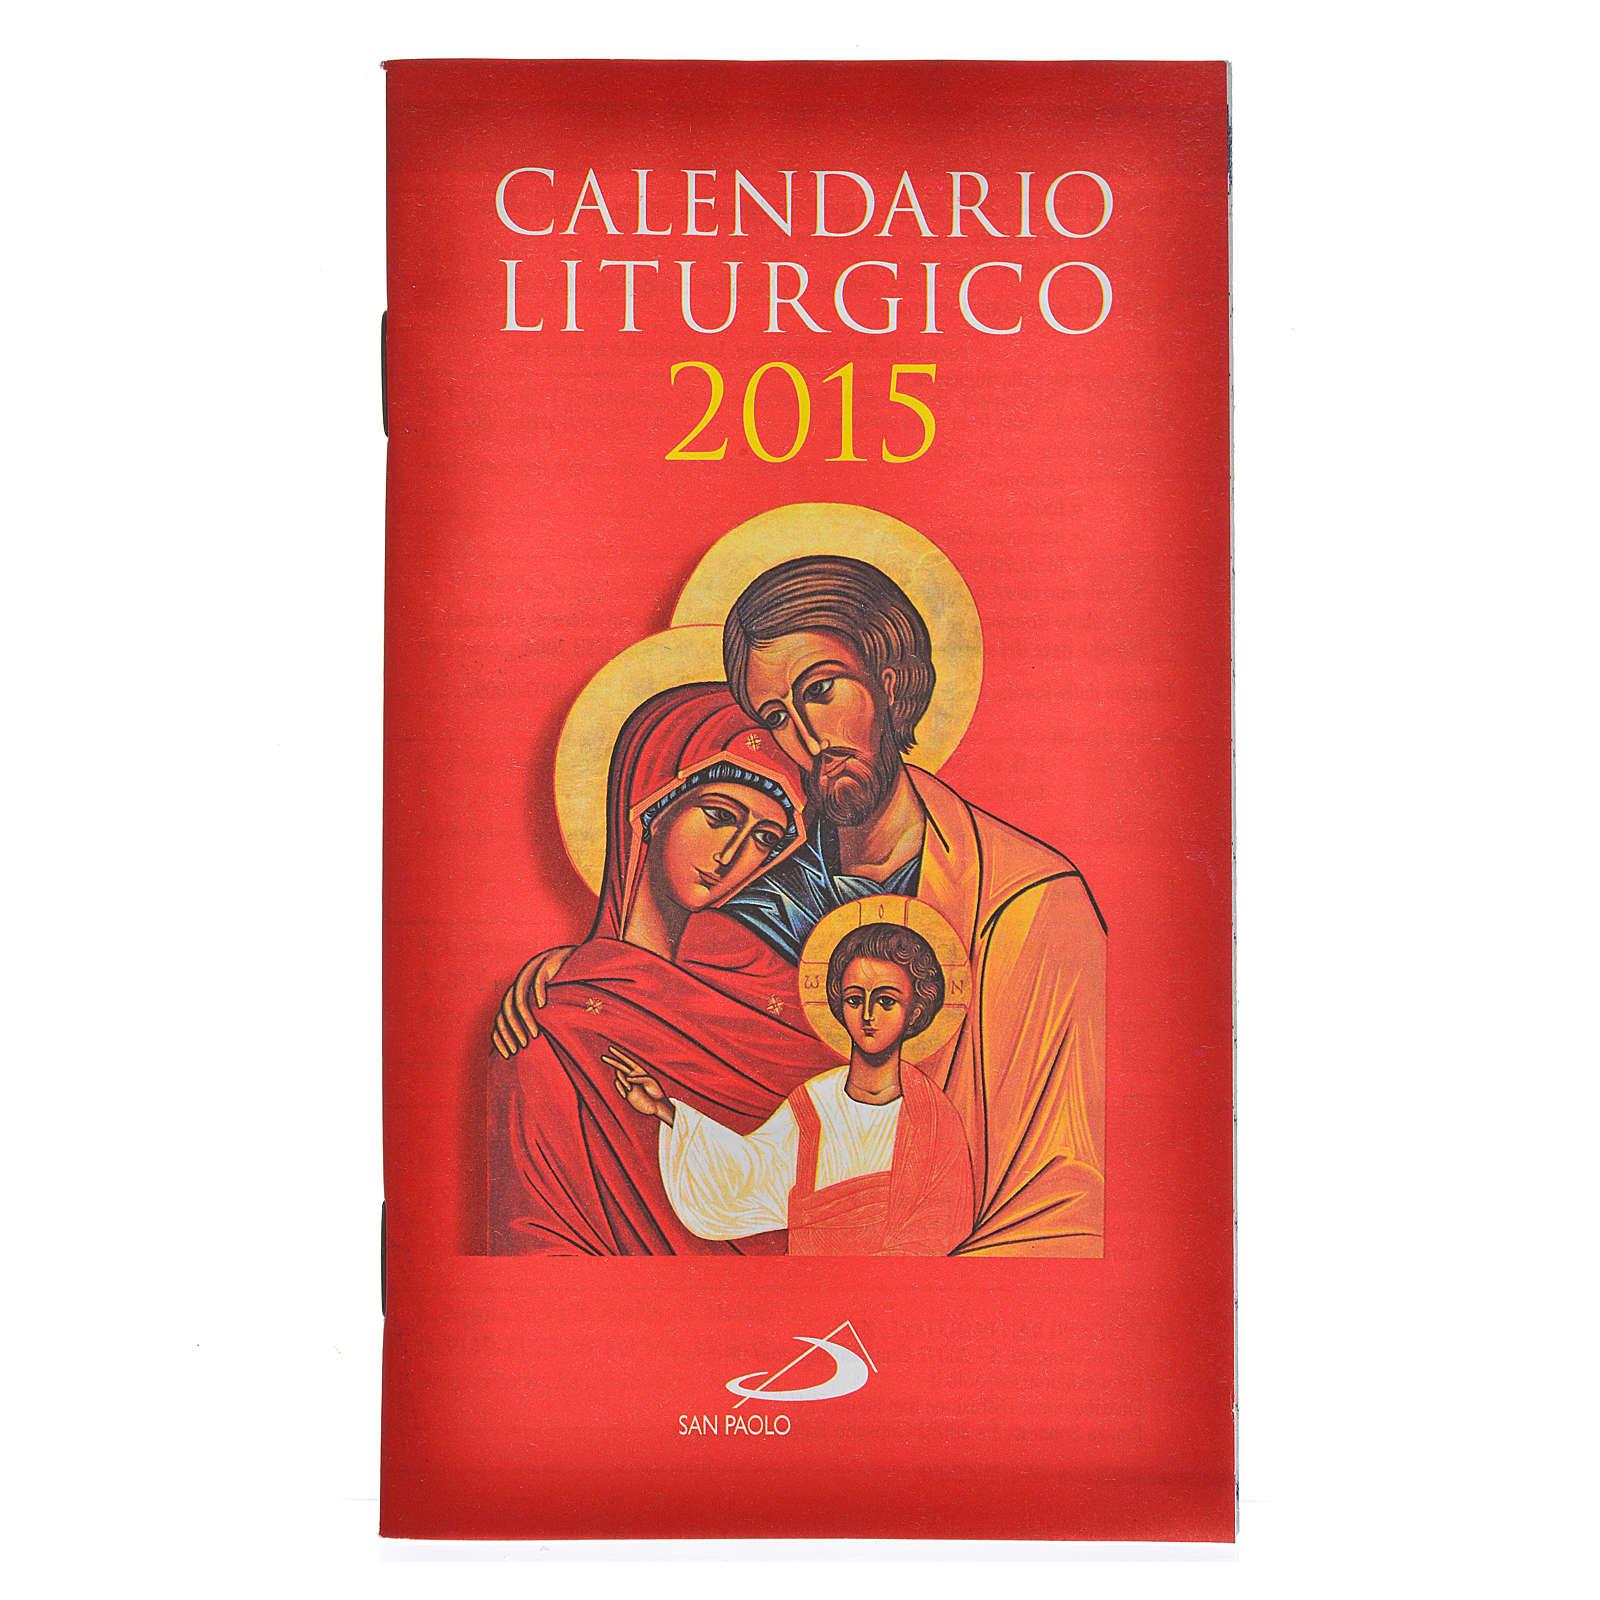 Calendario Liturgico 2015 San Paolo 4